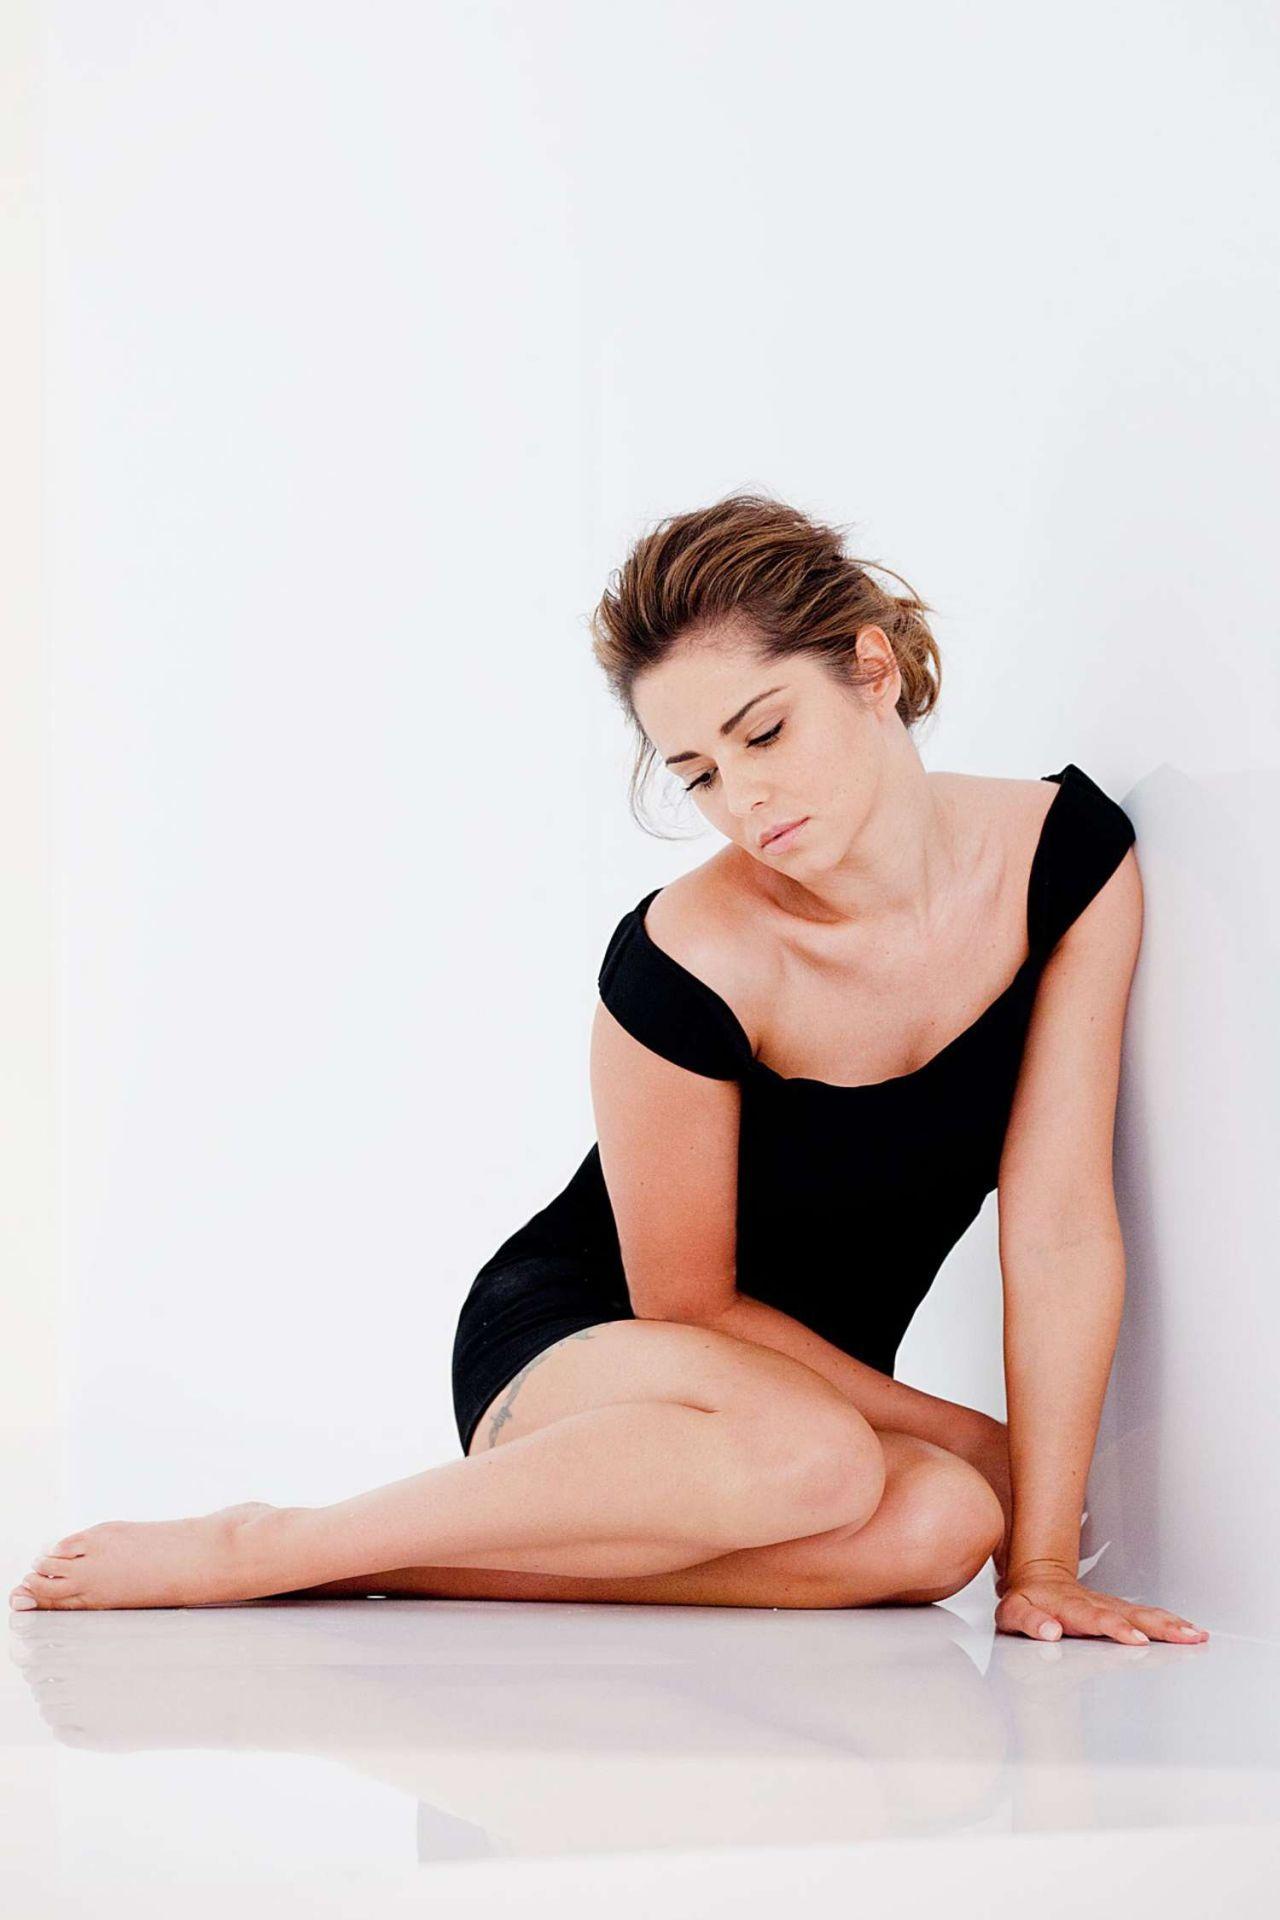 Cheryl Cole Charlotte Medlicott Photoshoot